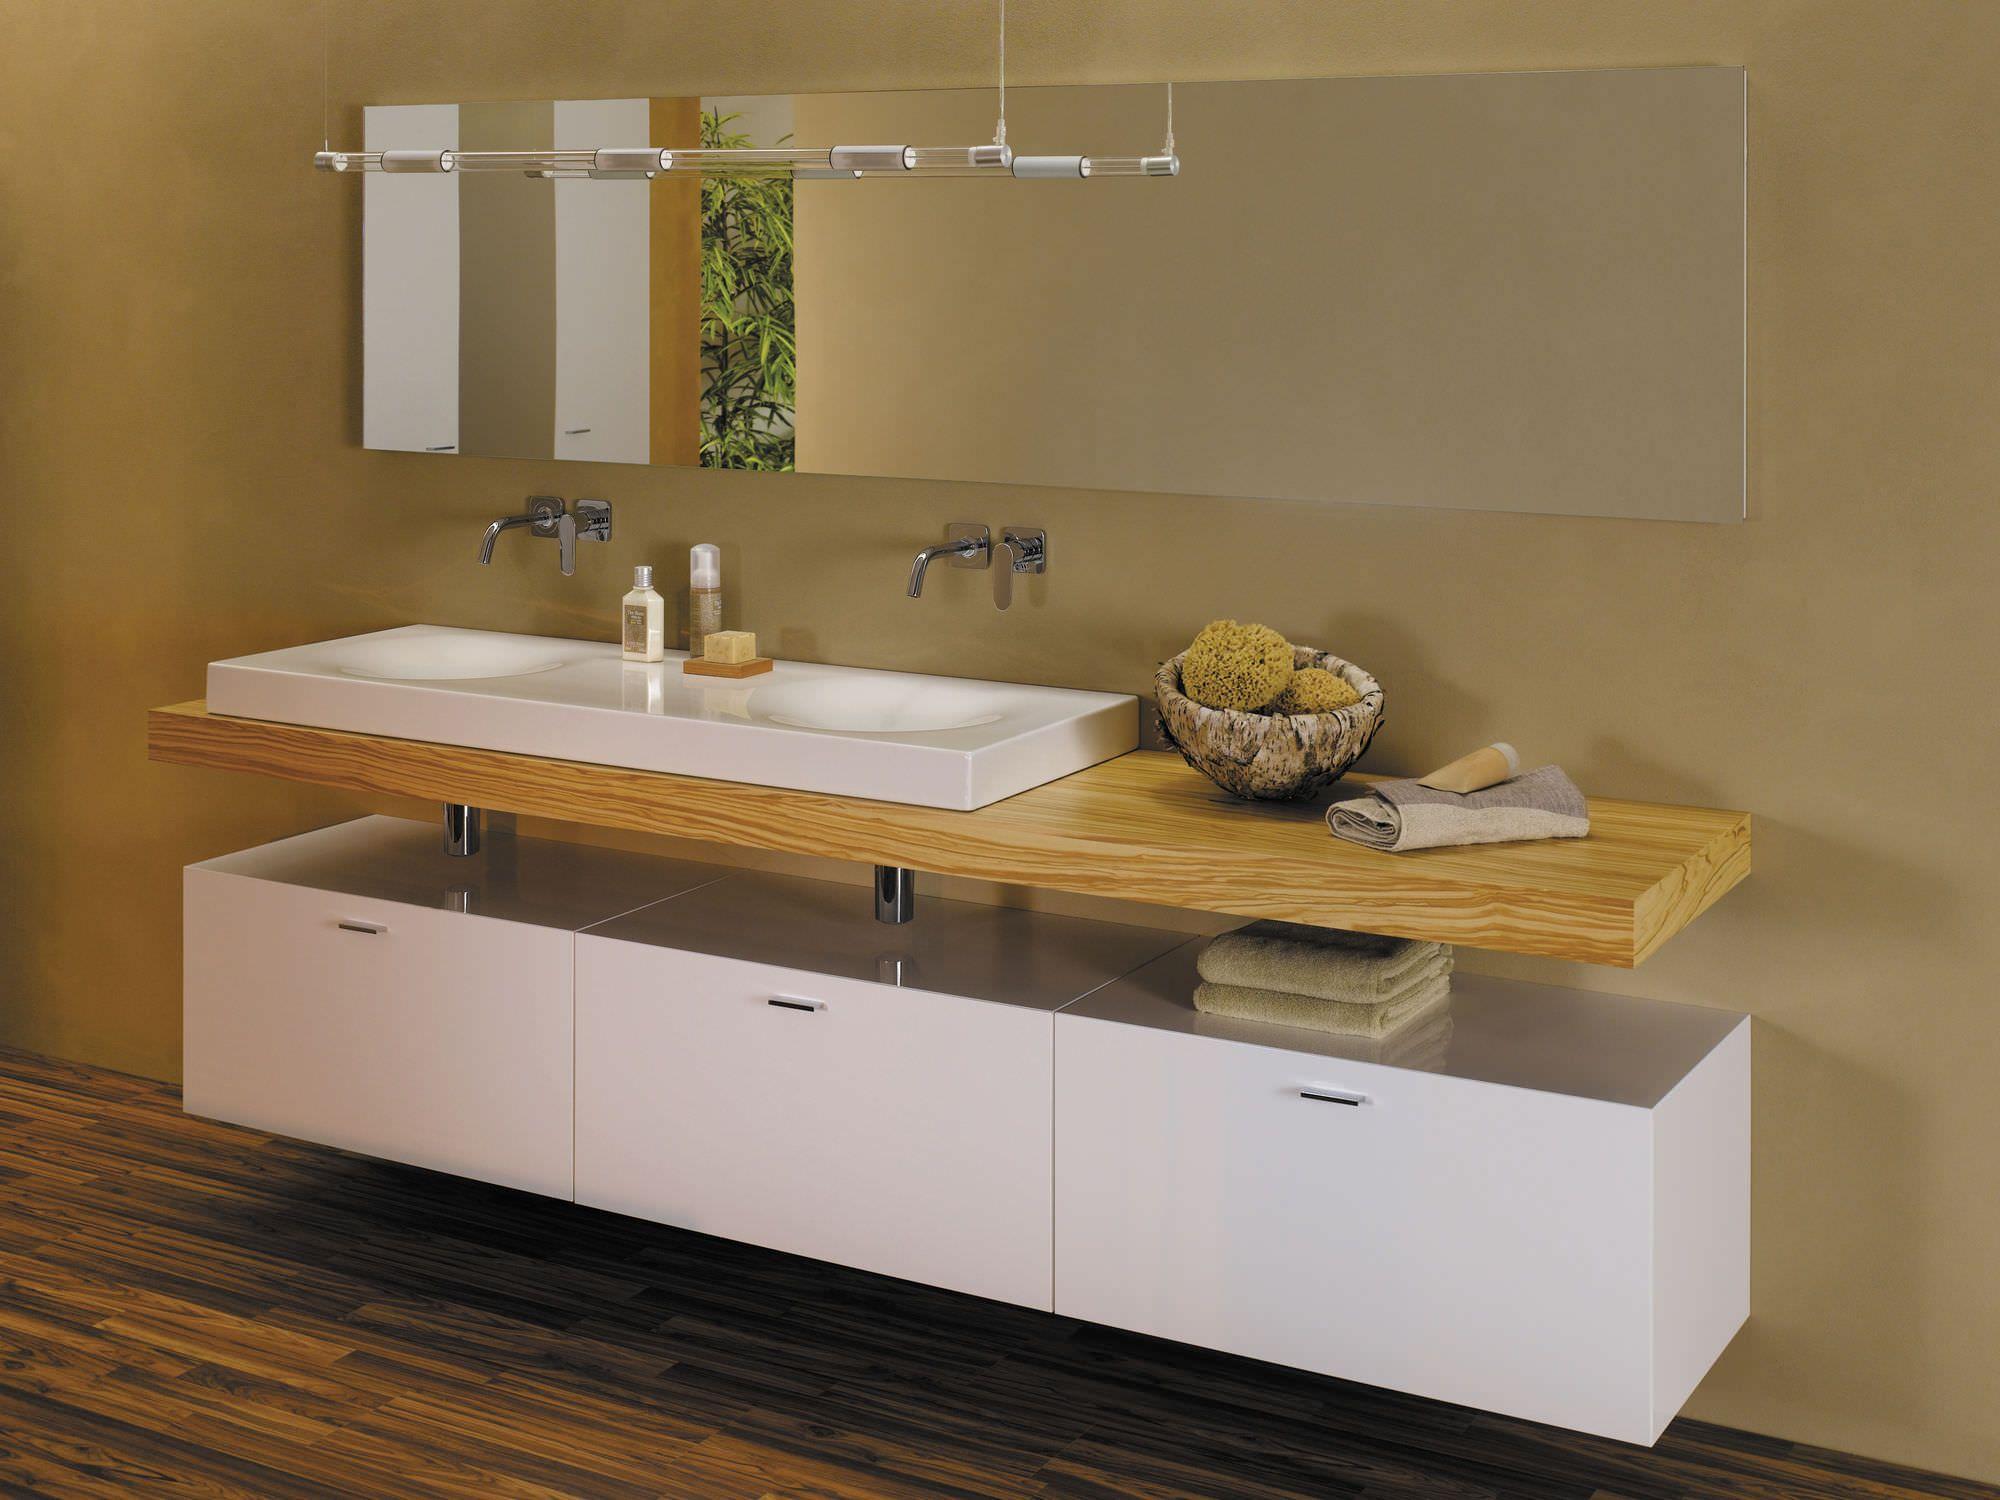 49708 8132533.jpg 2000×1500   Aufsatzwaschbecken, Unterschrank für aufsatzwaschbecken ...